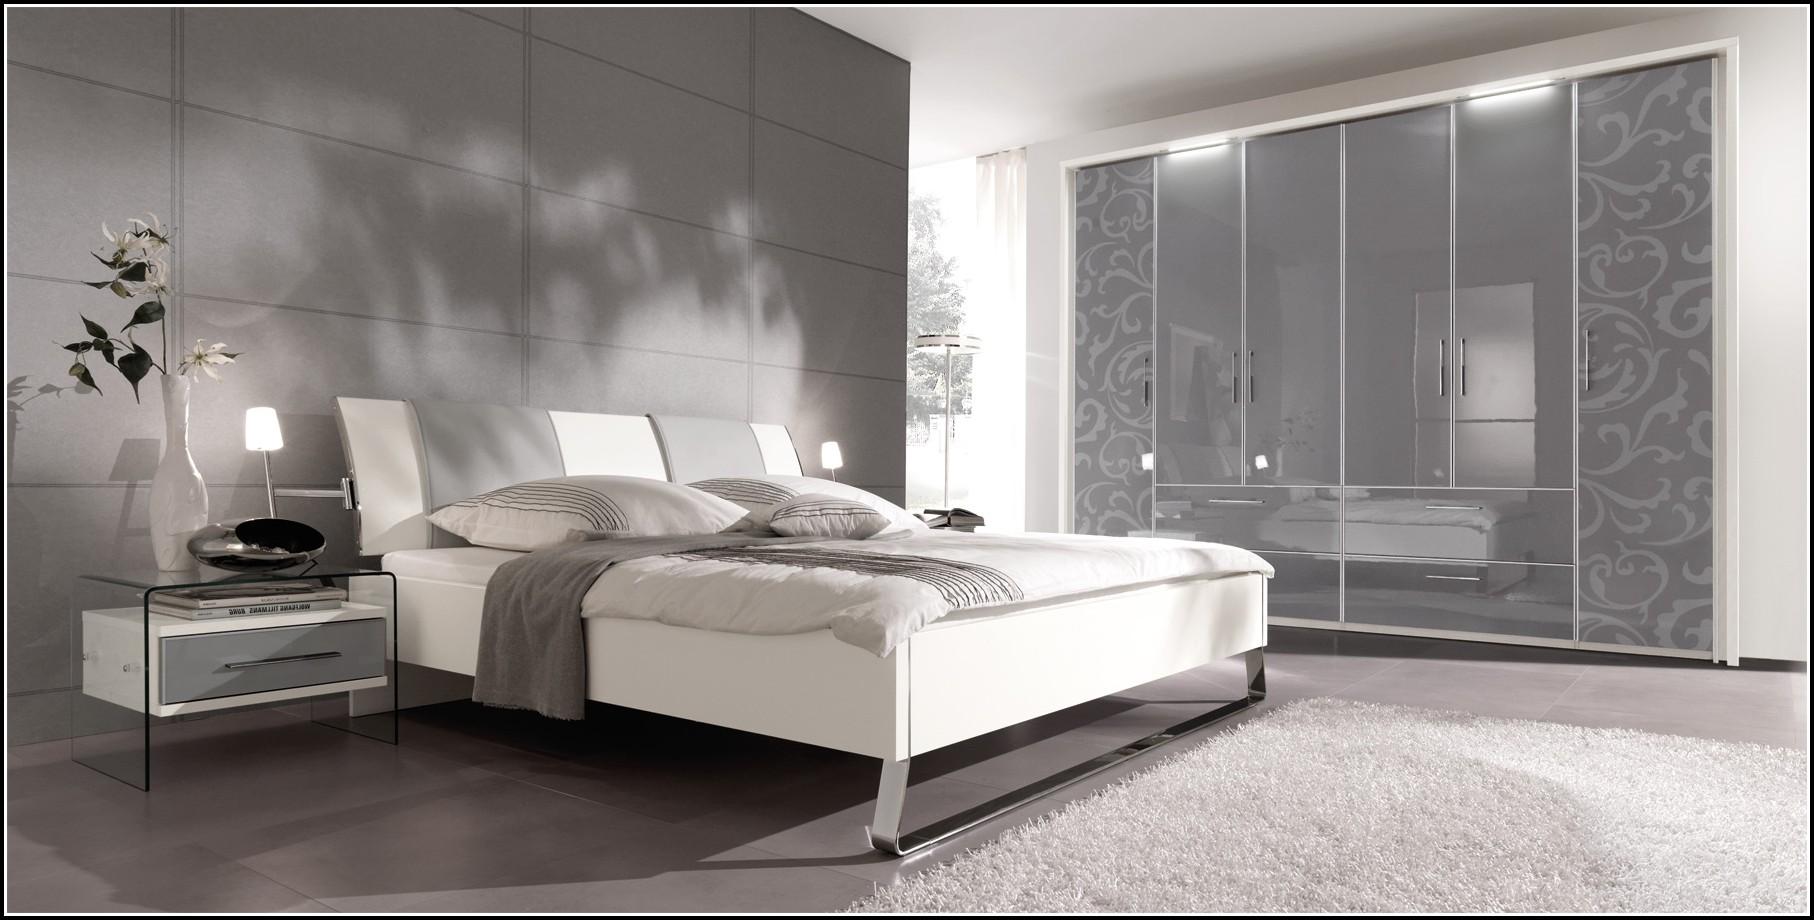 vorschl ge schlafzimmer renovieren schlafzimmer house und dekor galerie nvrpv6vwmo. Black Bedroom Furniture Sets. Home Design Ideas